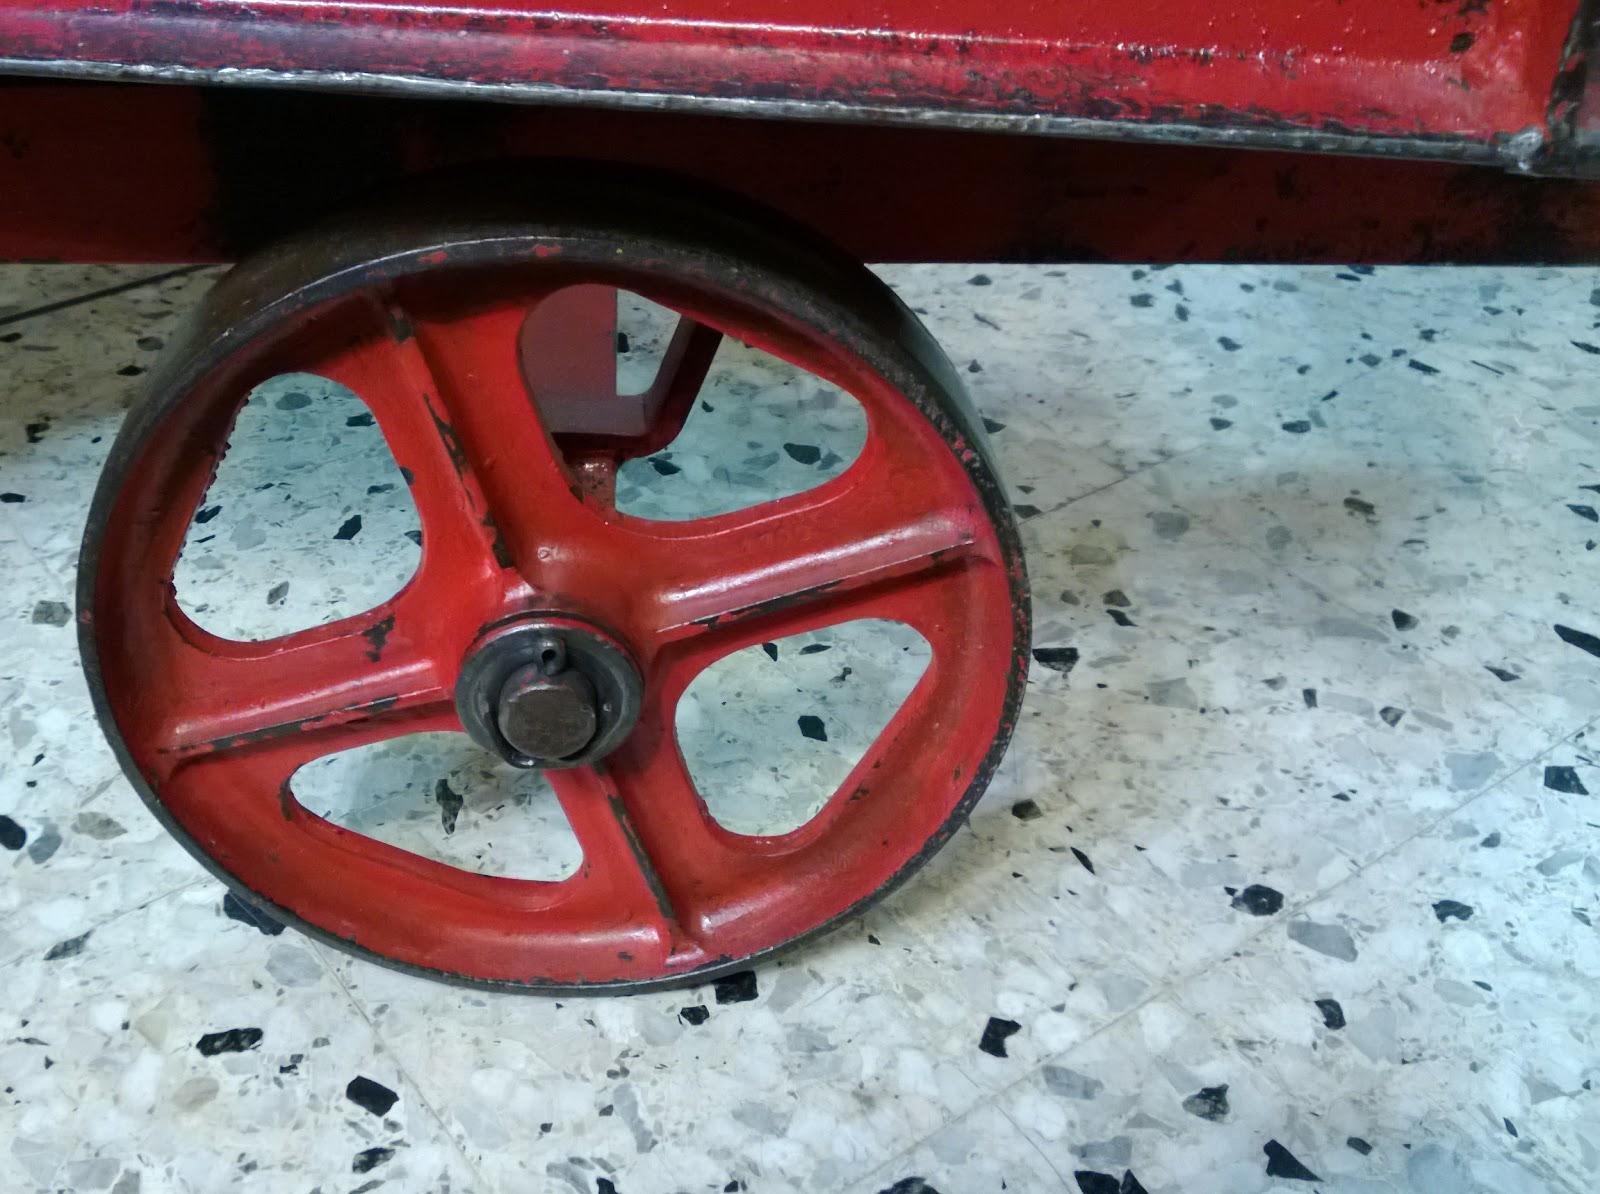 Brocante Décoration Un Nouveau Monde Table basse industrielle, chariot d -> Table Basse Industrielle Chariot Ptt